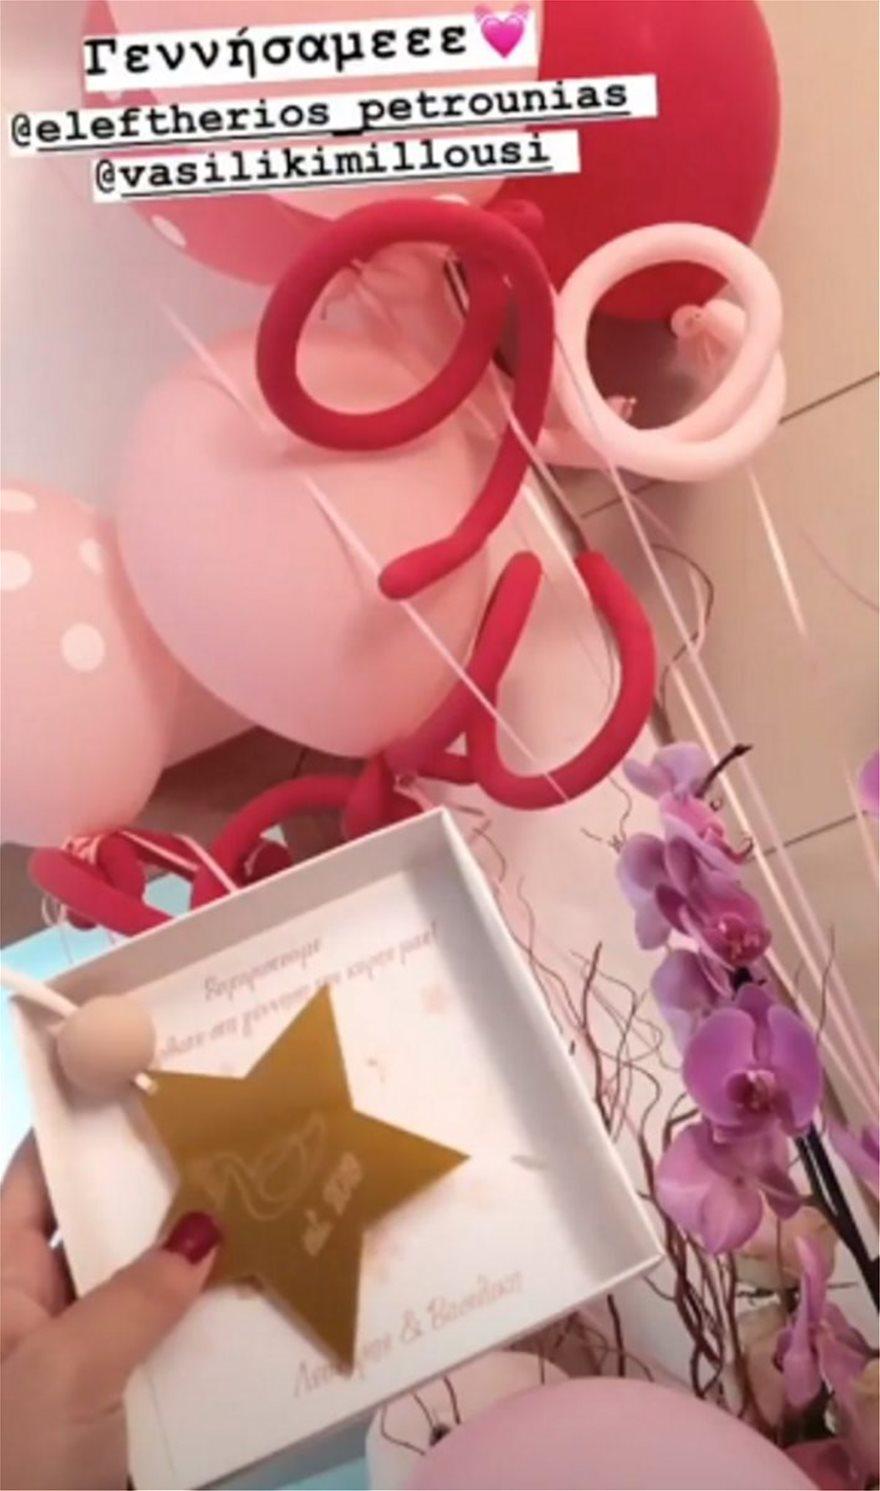 Πετρούνιας -Μιλλούση: Τι δώρο έκαναν σε όσους πήγαν στο μαιευτήριο (εικόνες)